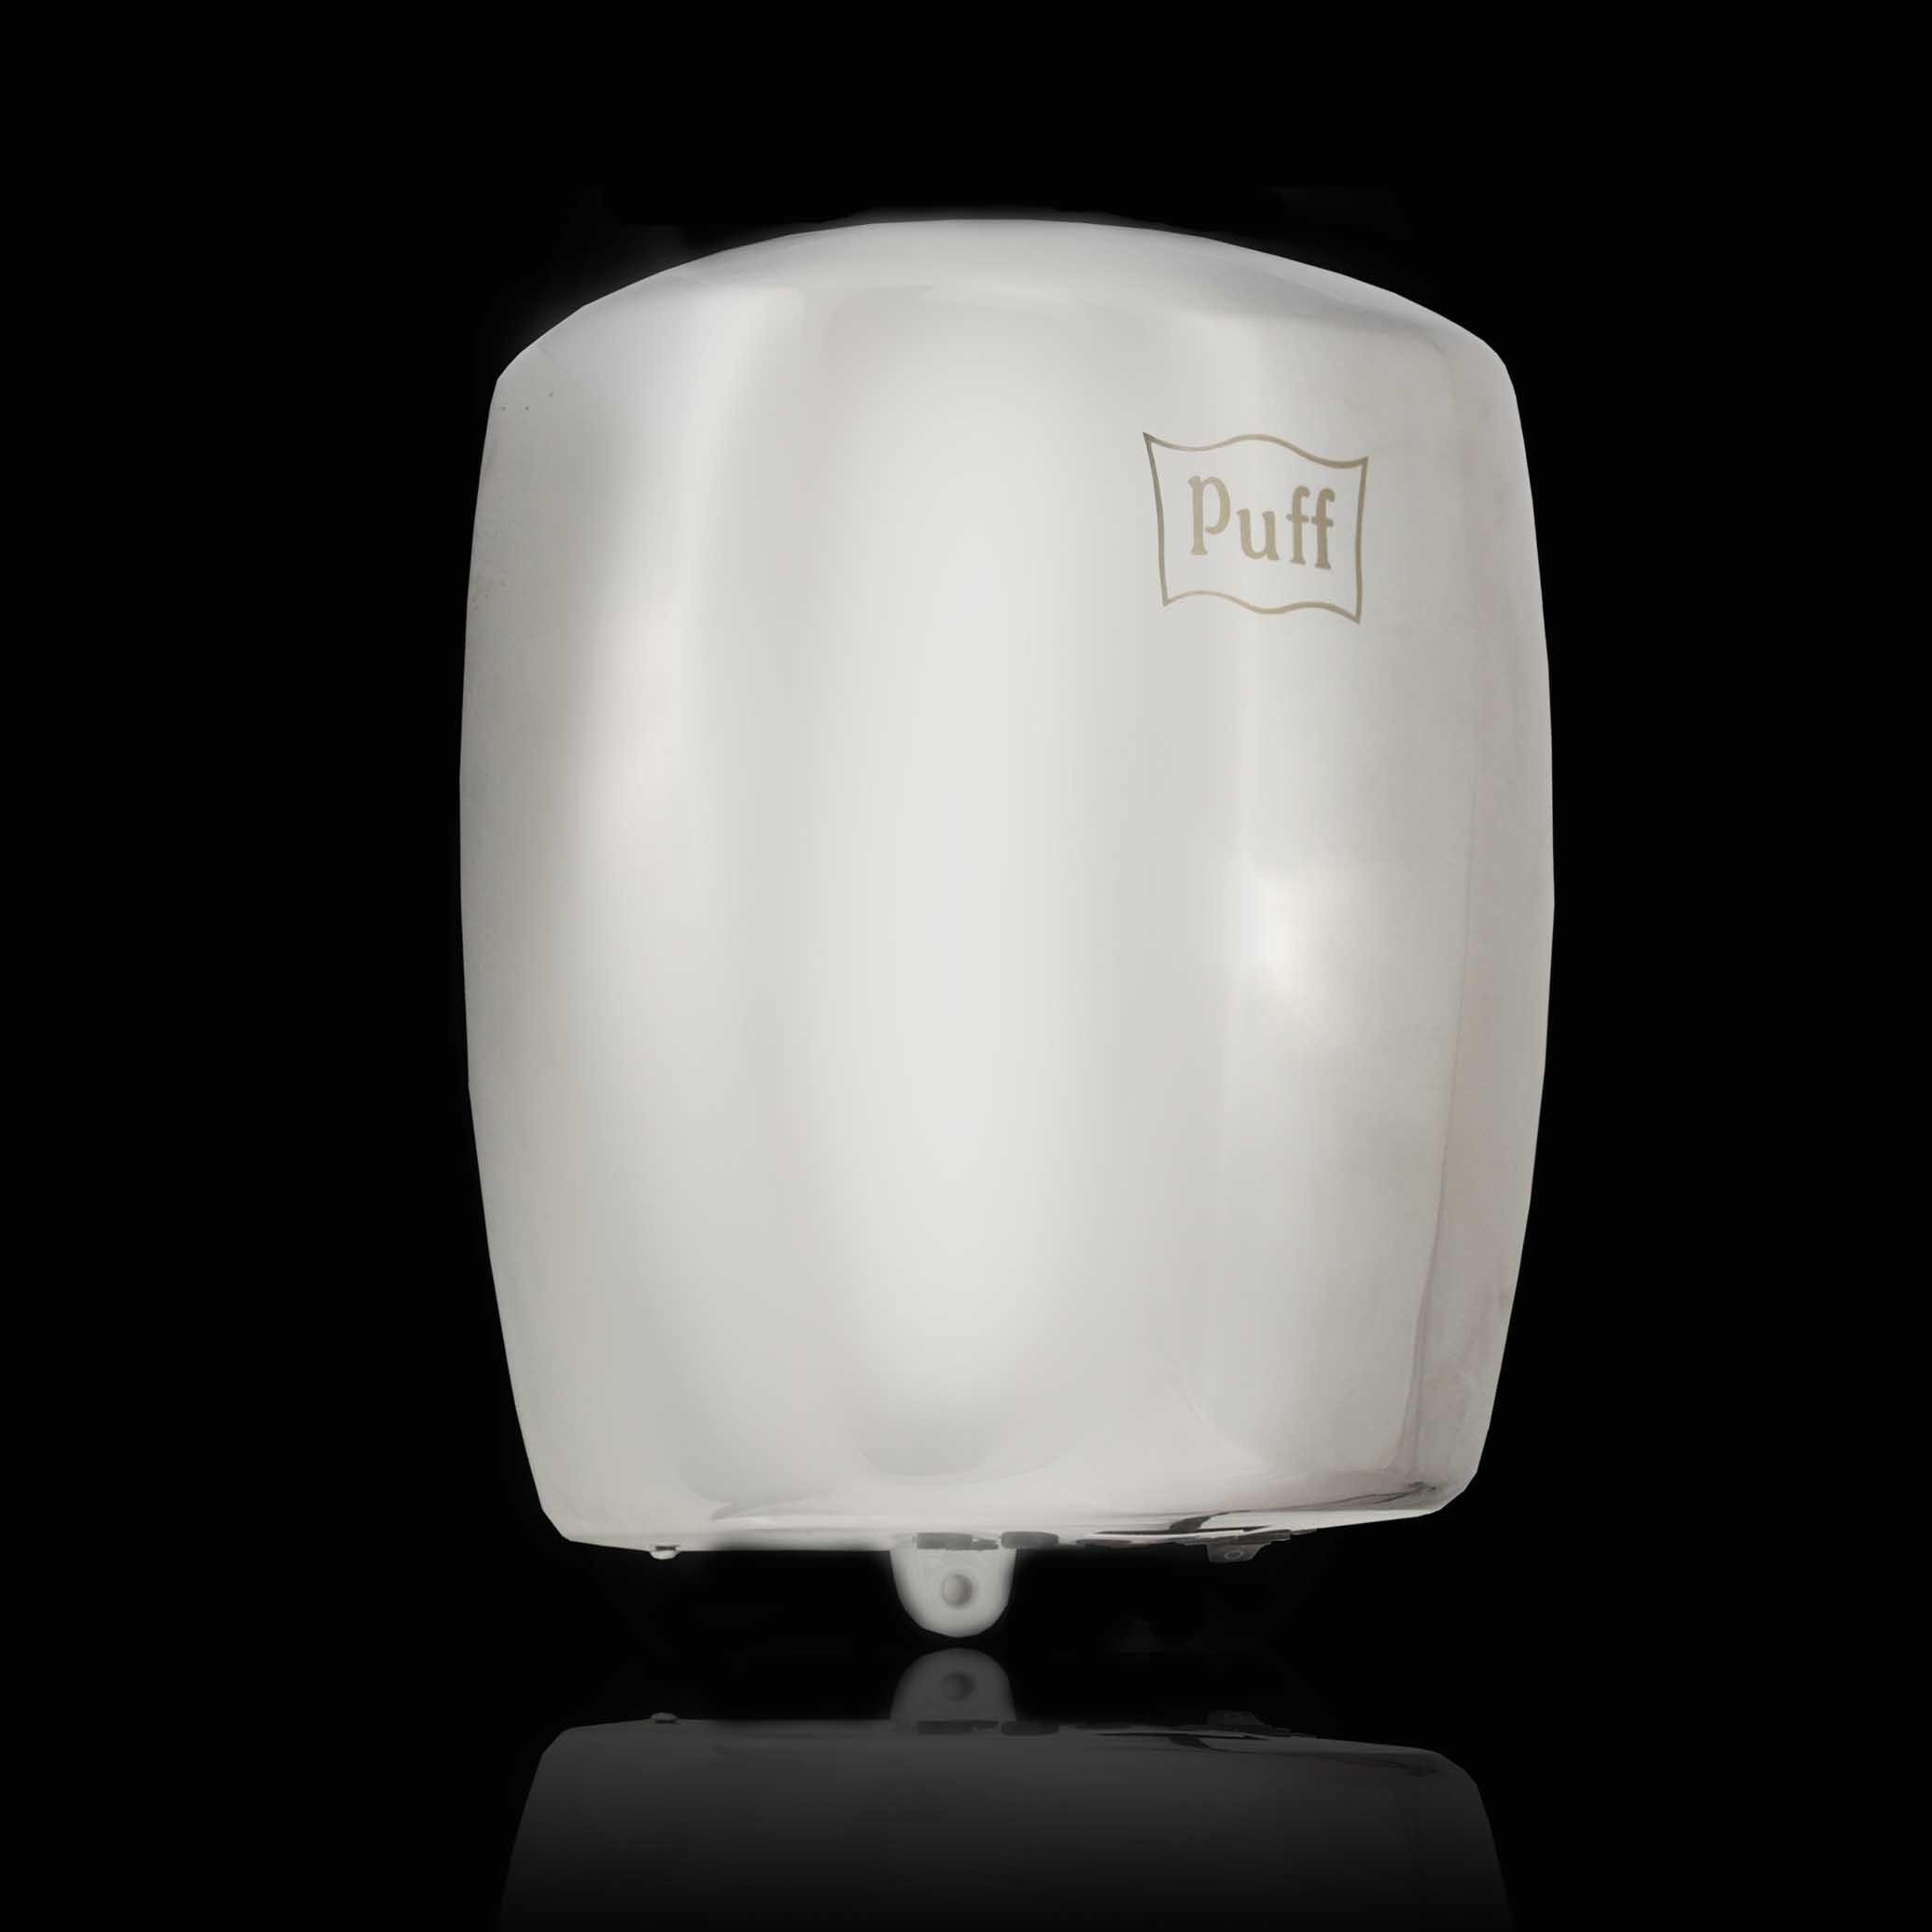 Антивандальная Высокоскоростная сушилка для рукPuff-8887 Материал корпуса:сталь Цвет: хром Мощность (Вт): 1 200 Напряжение (В/Гц): 220 / 50-60 Скорость воздушного потока (м/сек): 50Время сушки рук (сек): 5-7 Габаритные размеры (мм) (ШхГхВ):210х182х270 Вес нетто (кг): 2,5 Гарантия: 12 мес.